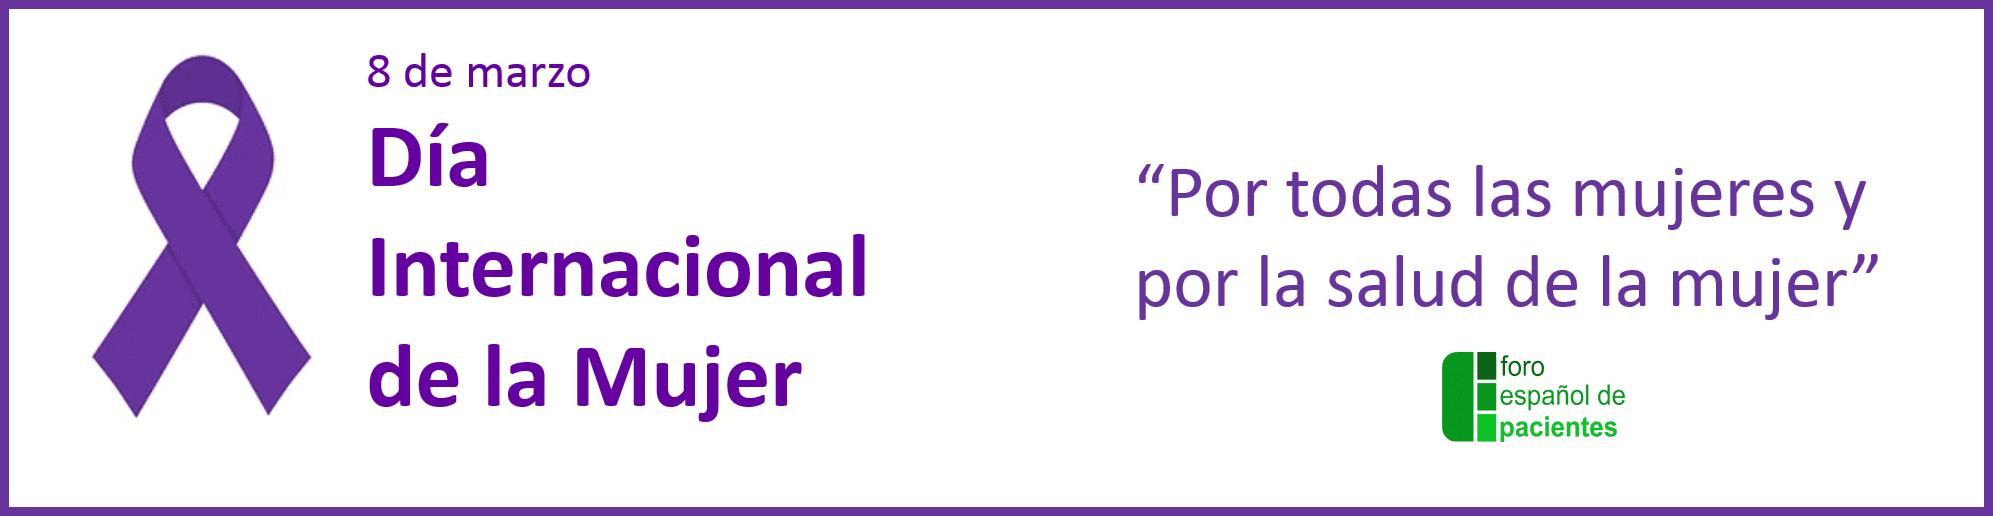 Portada WEB Dia internacional de la mujer